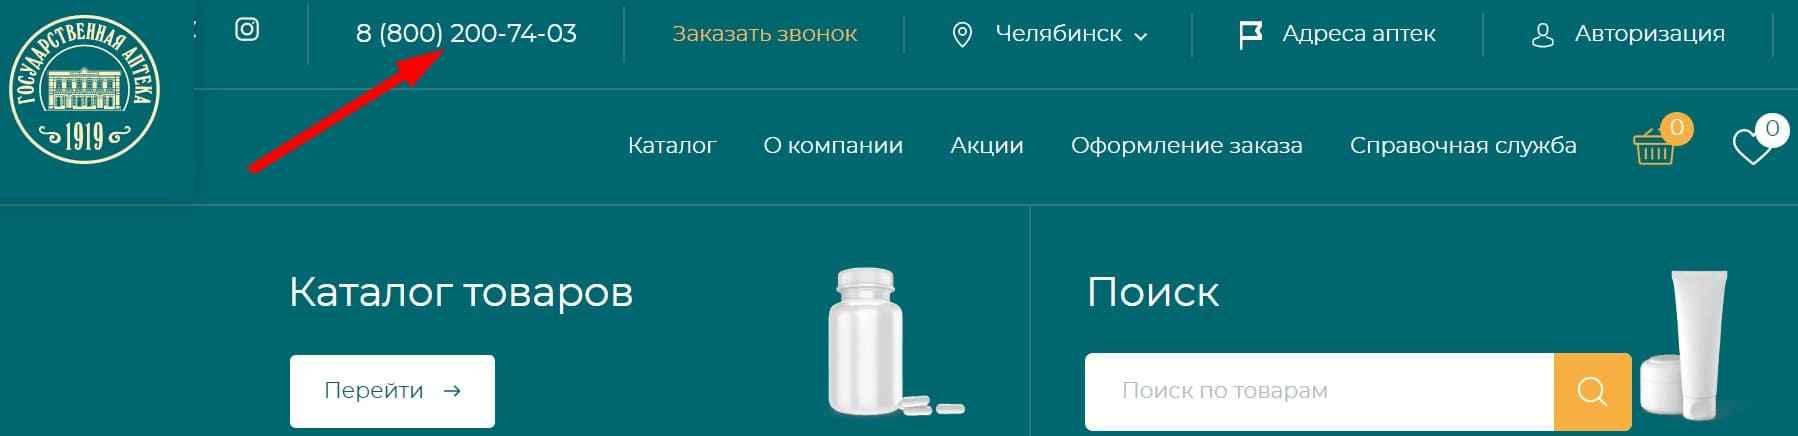 Аптека 74 Ру личный кабинет